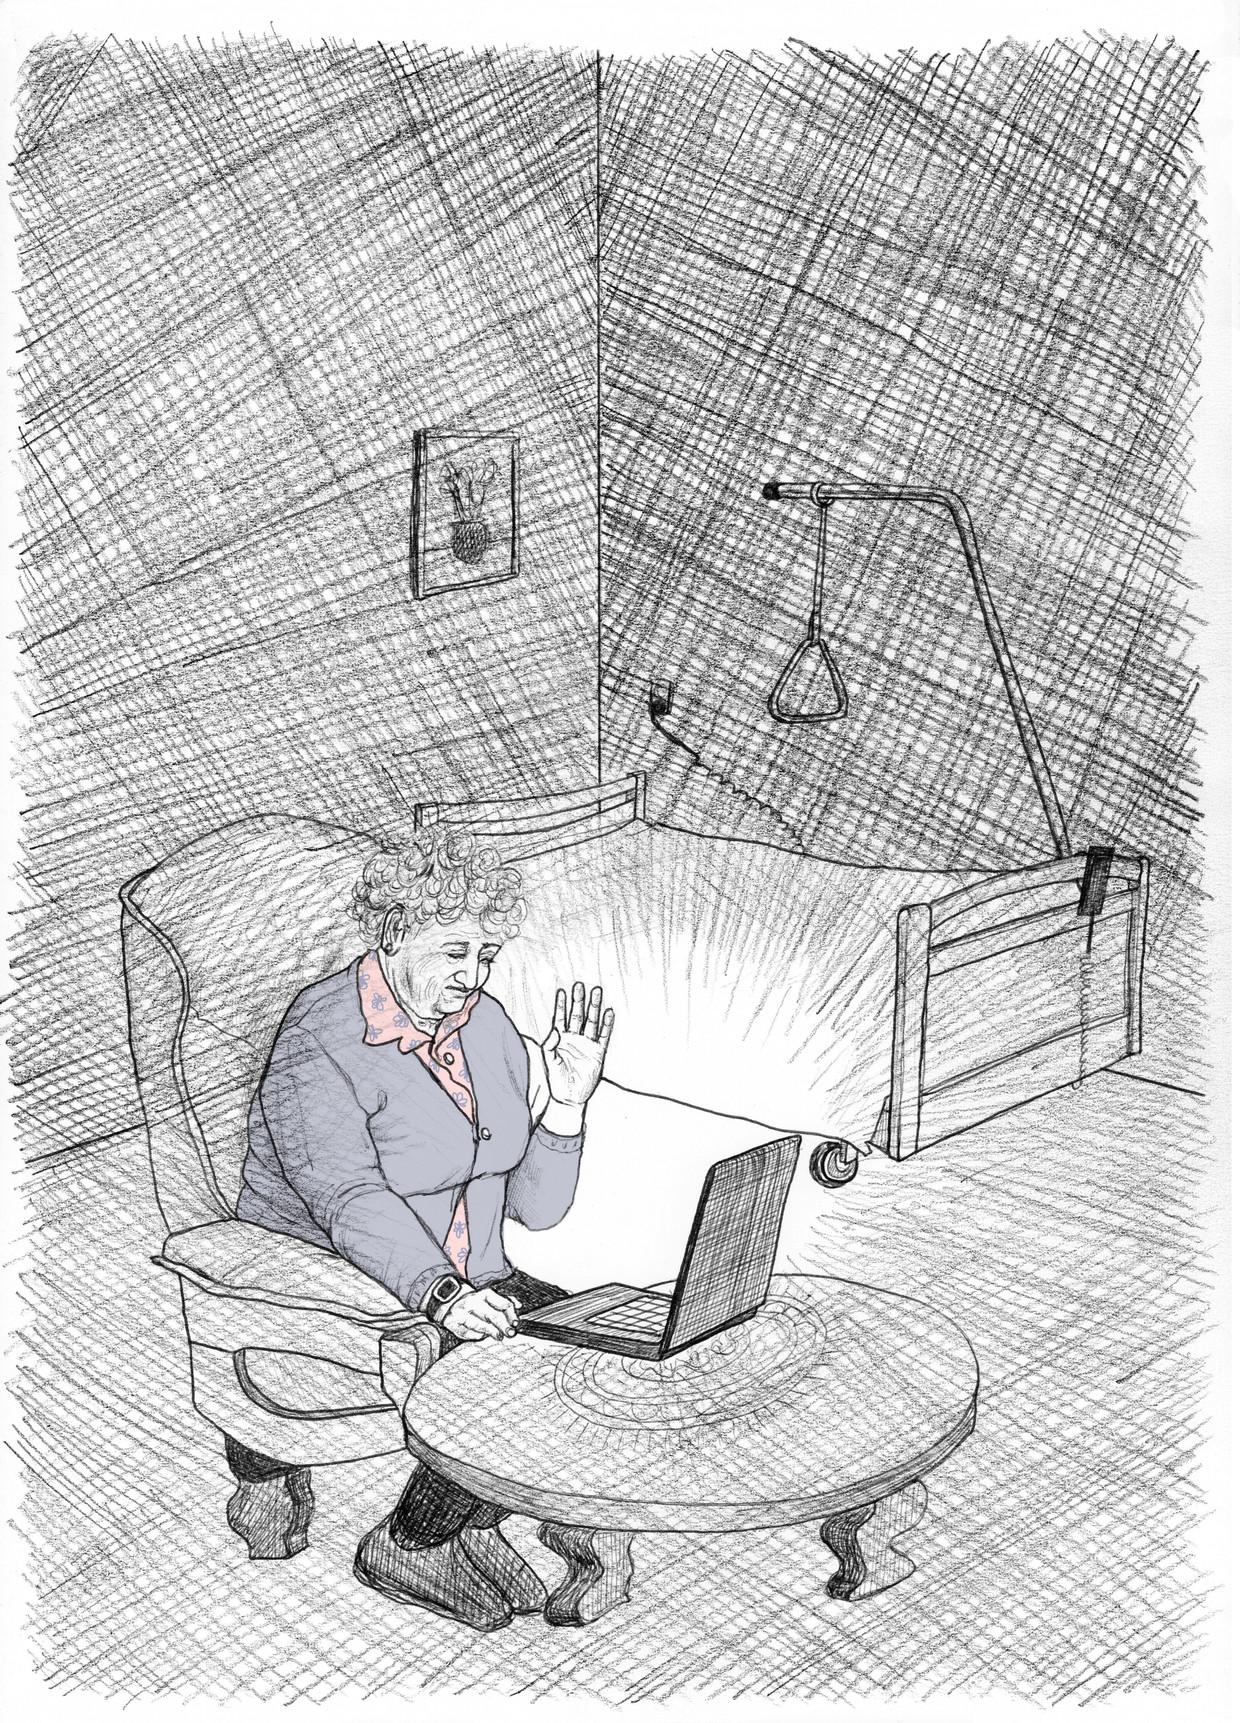 Bejaarden in verzorgingstehuizen zijn eenzaam, en hebben alleen contact met hun dierbaren via social media en skype.